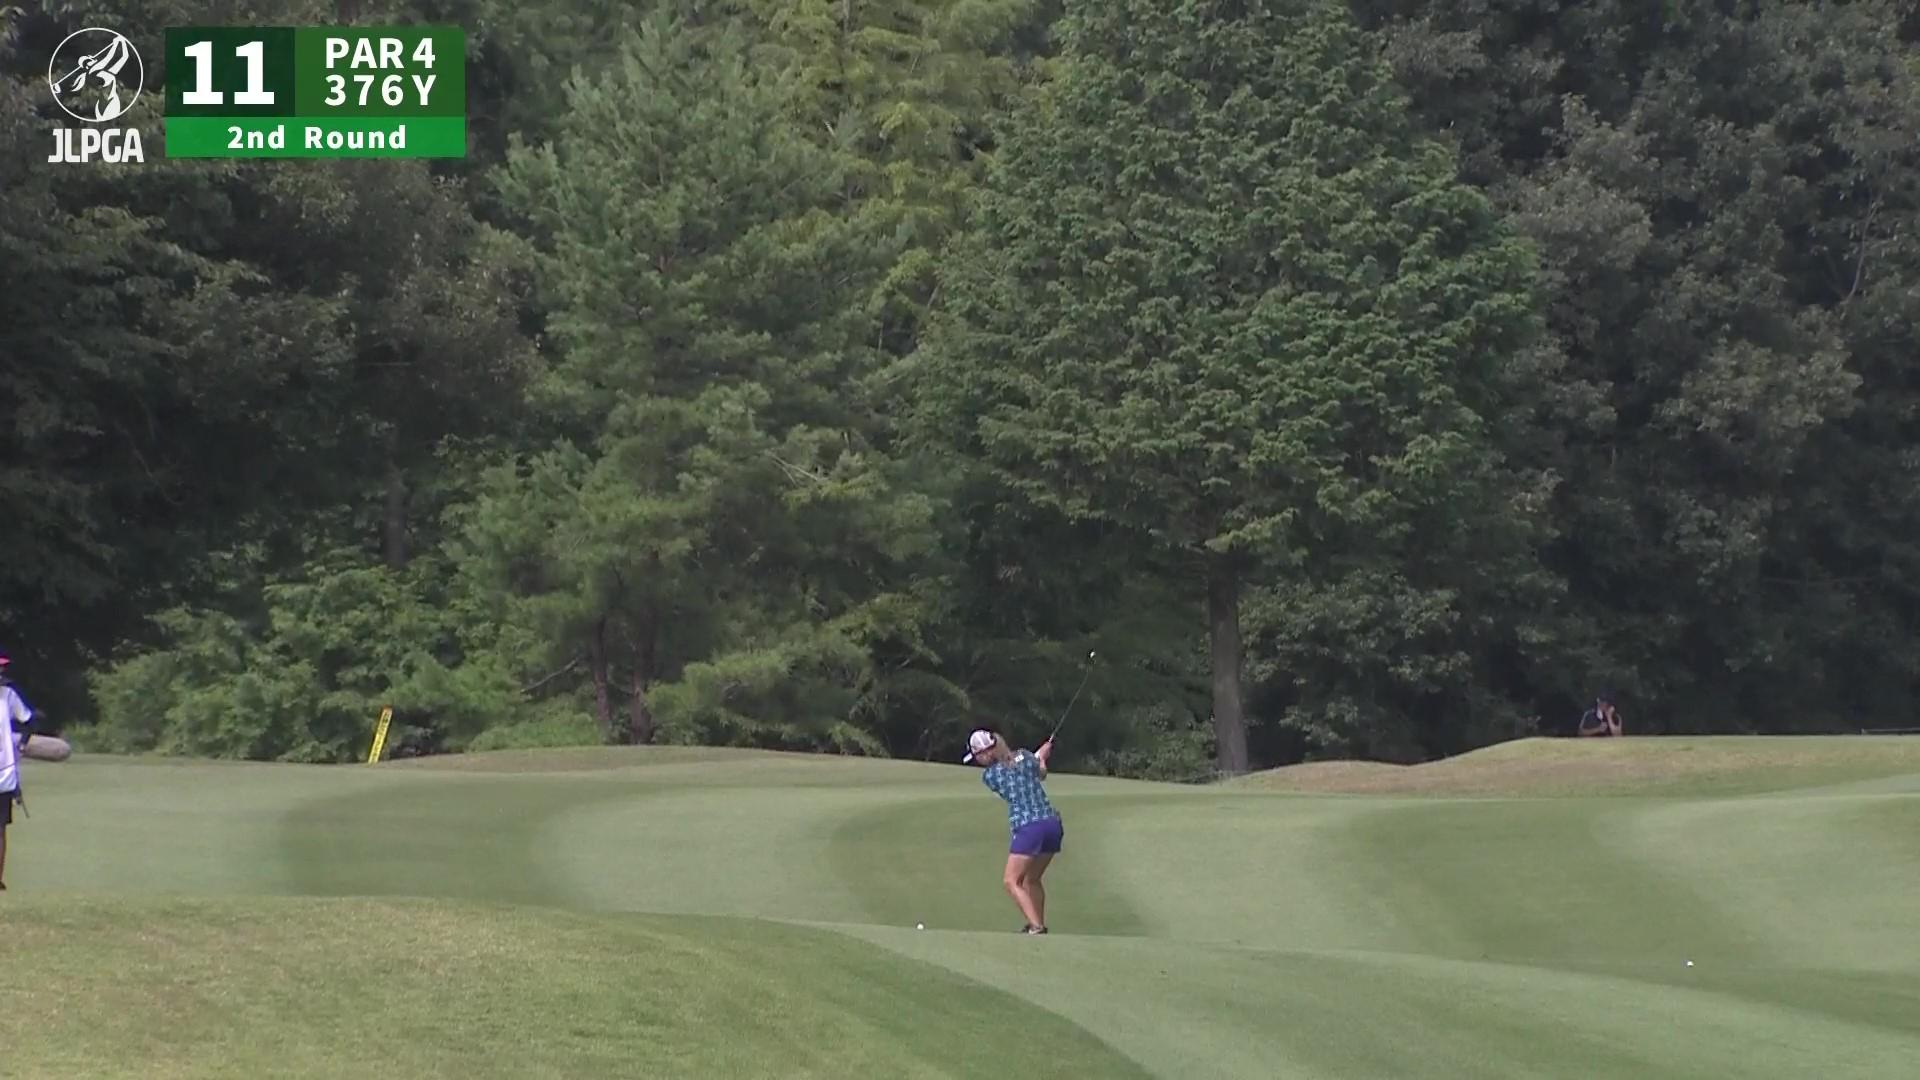 【女子ゴルフ】上田 桃子 コントロール抜群!!! 見事な2ndショット!!!〈楽天スーパーレディース〉